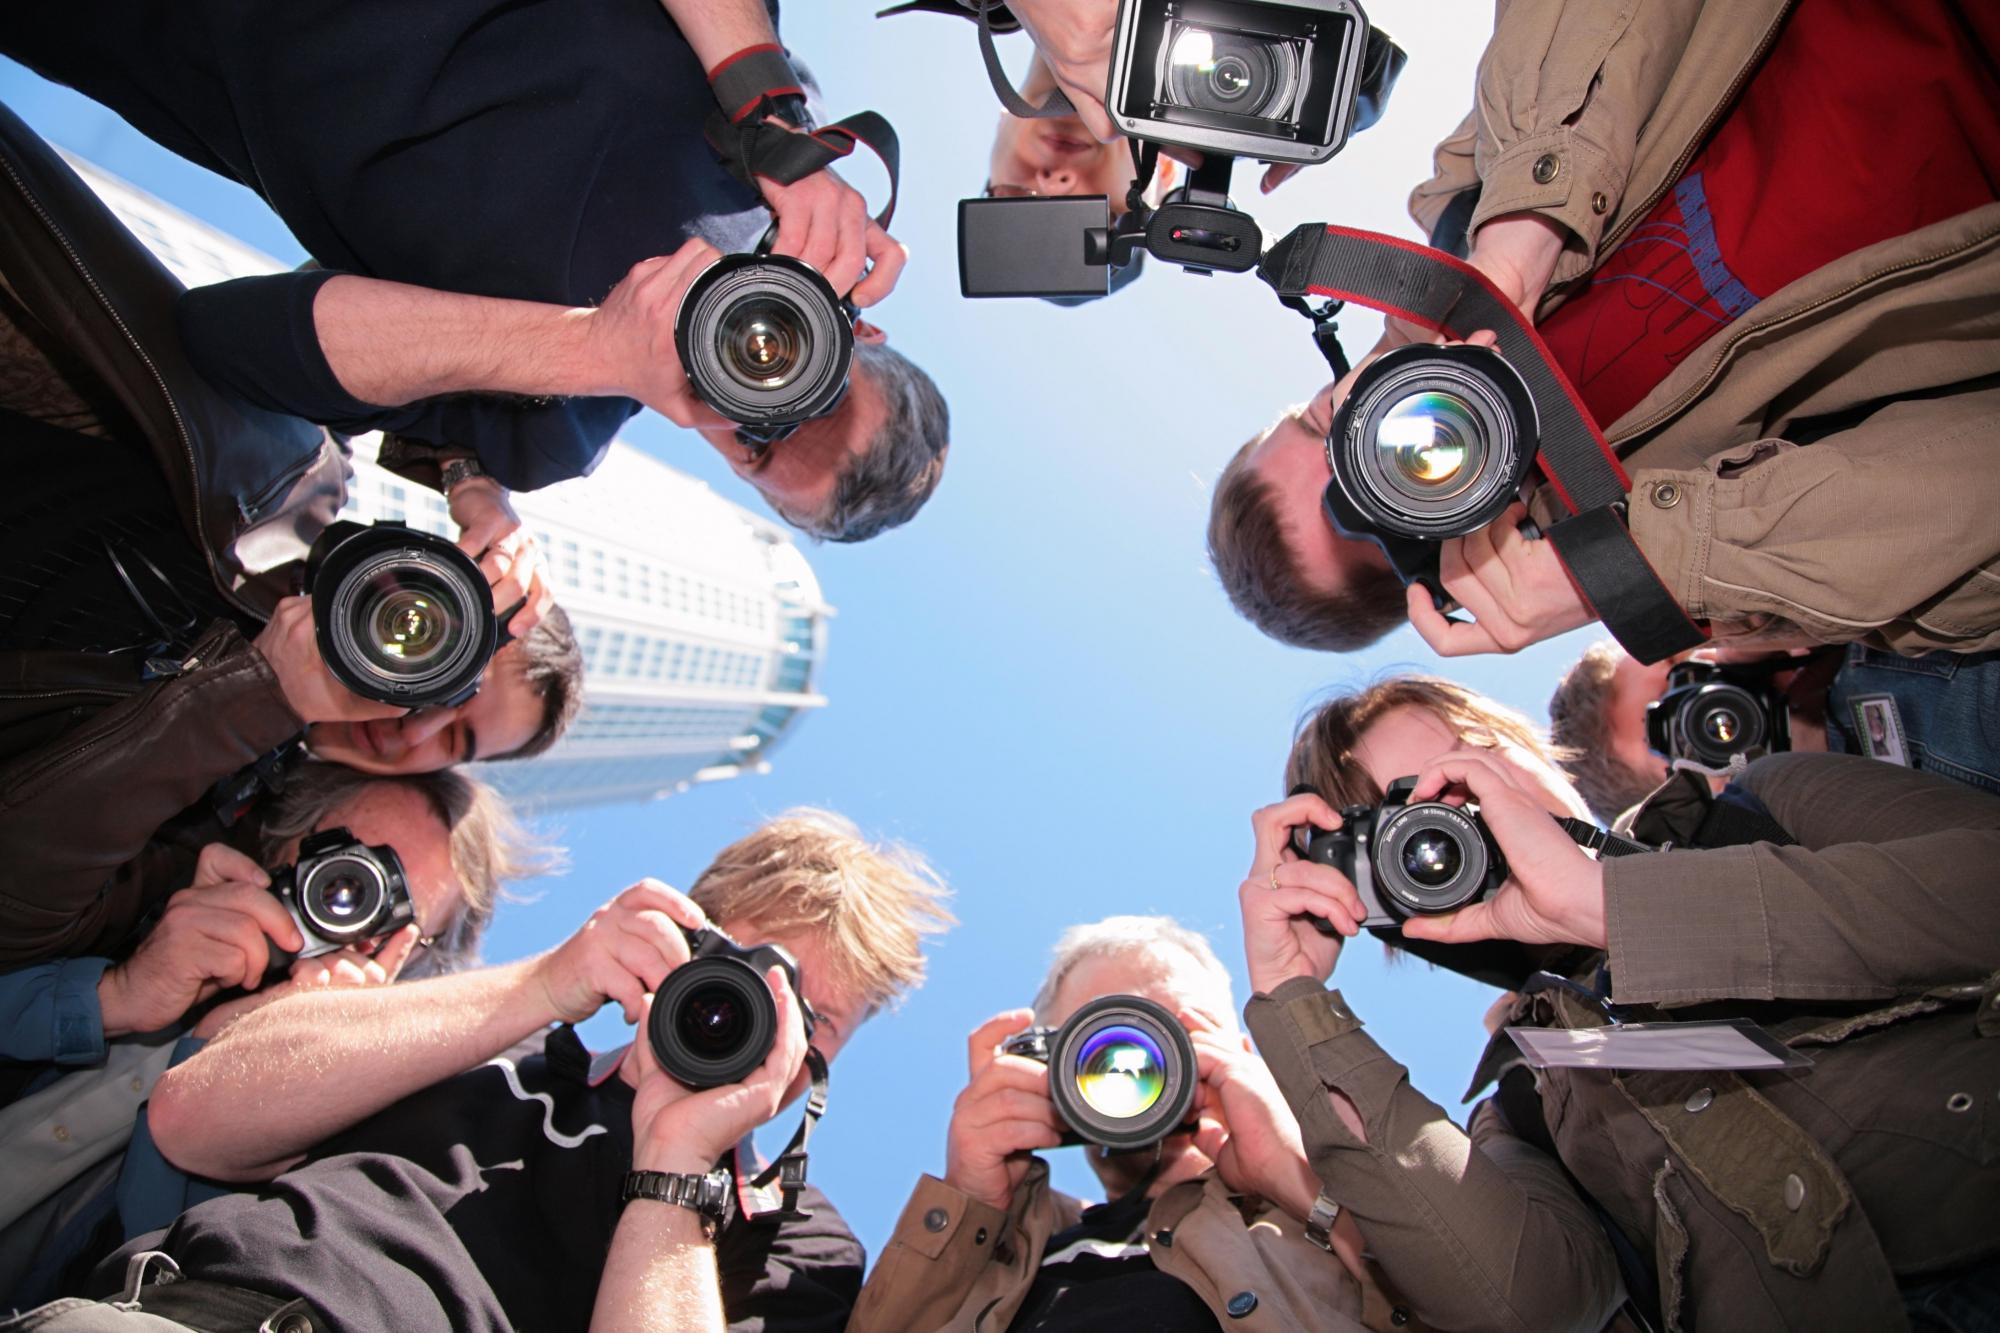 профессия фоторепортер это эти